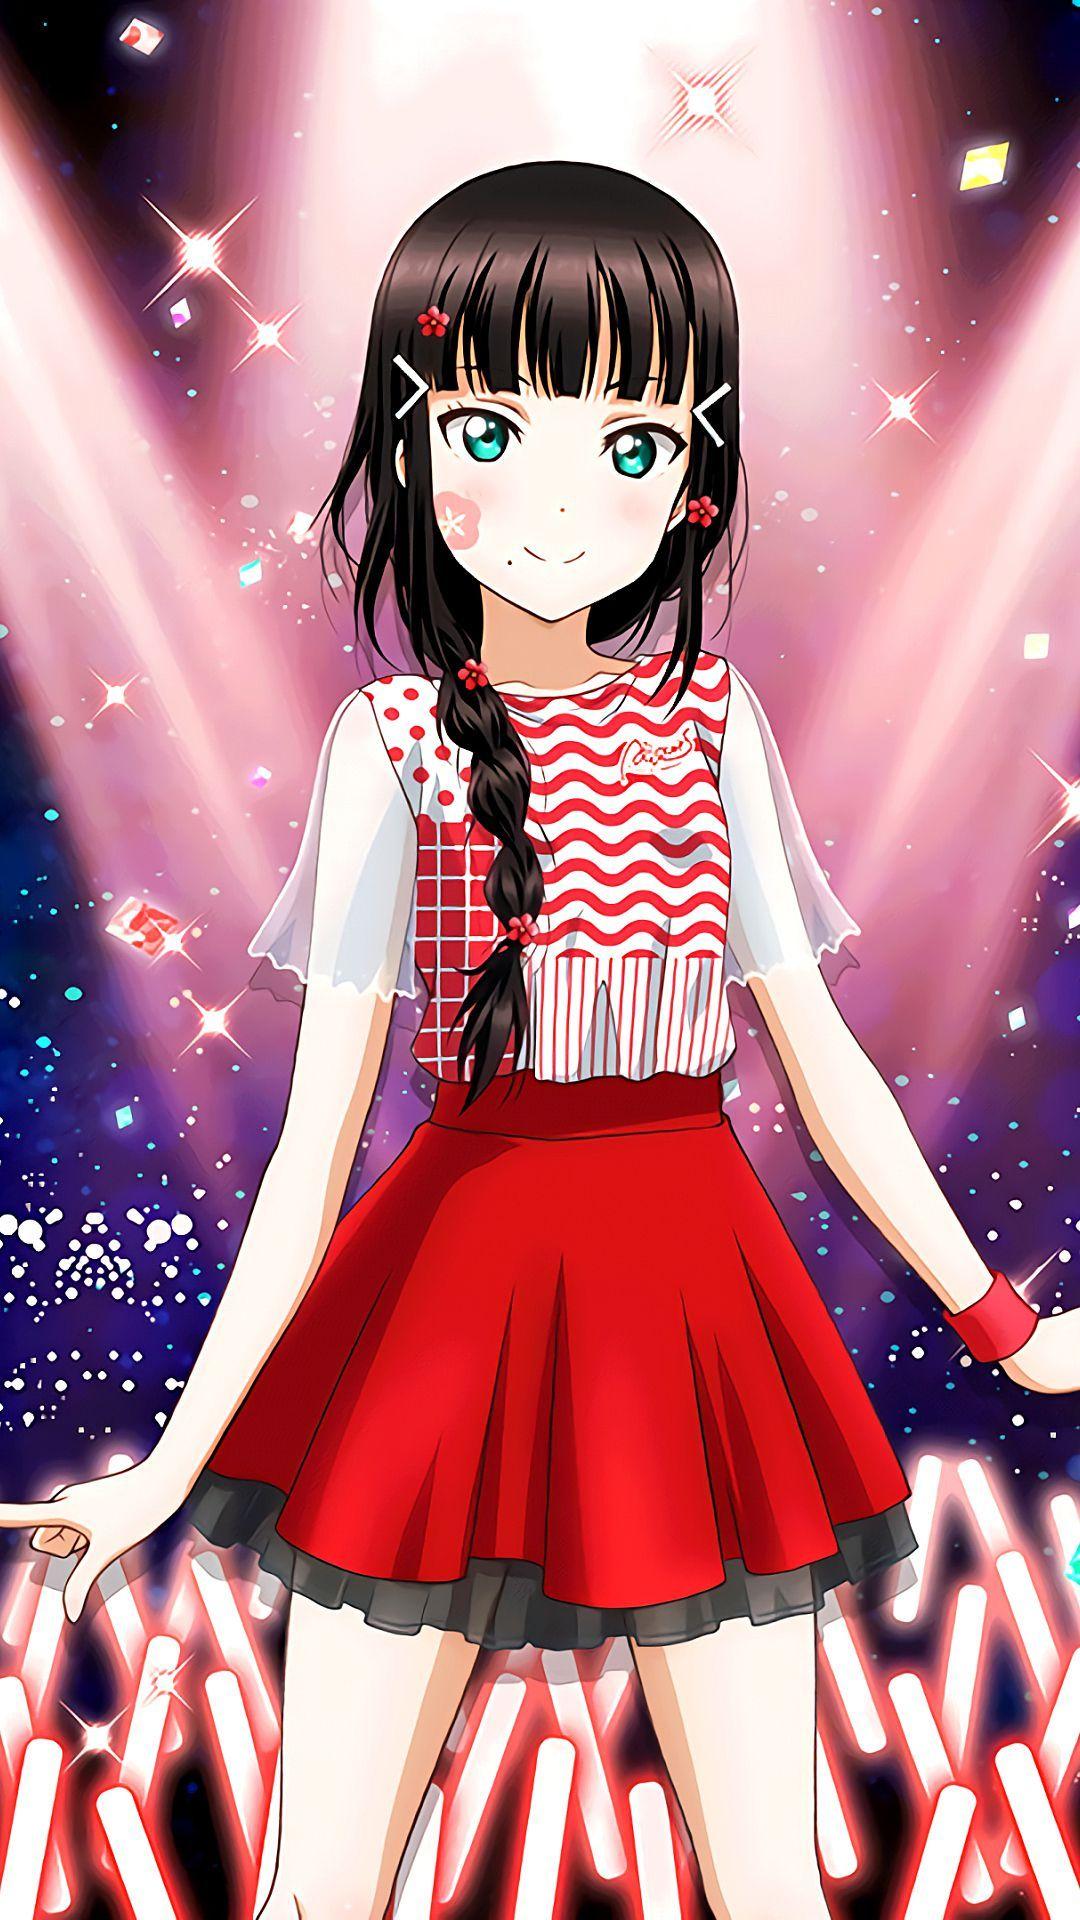 黒澤ダイヤiphone壁紙 Androidスマホ用画像 美しいアニメガール